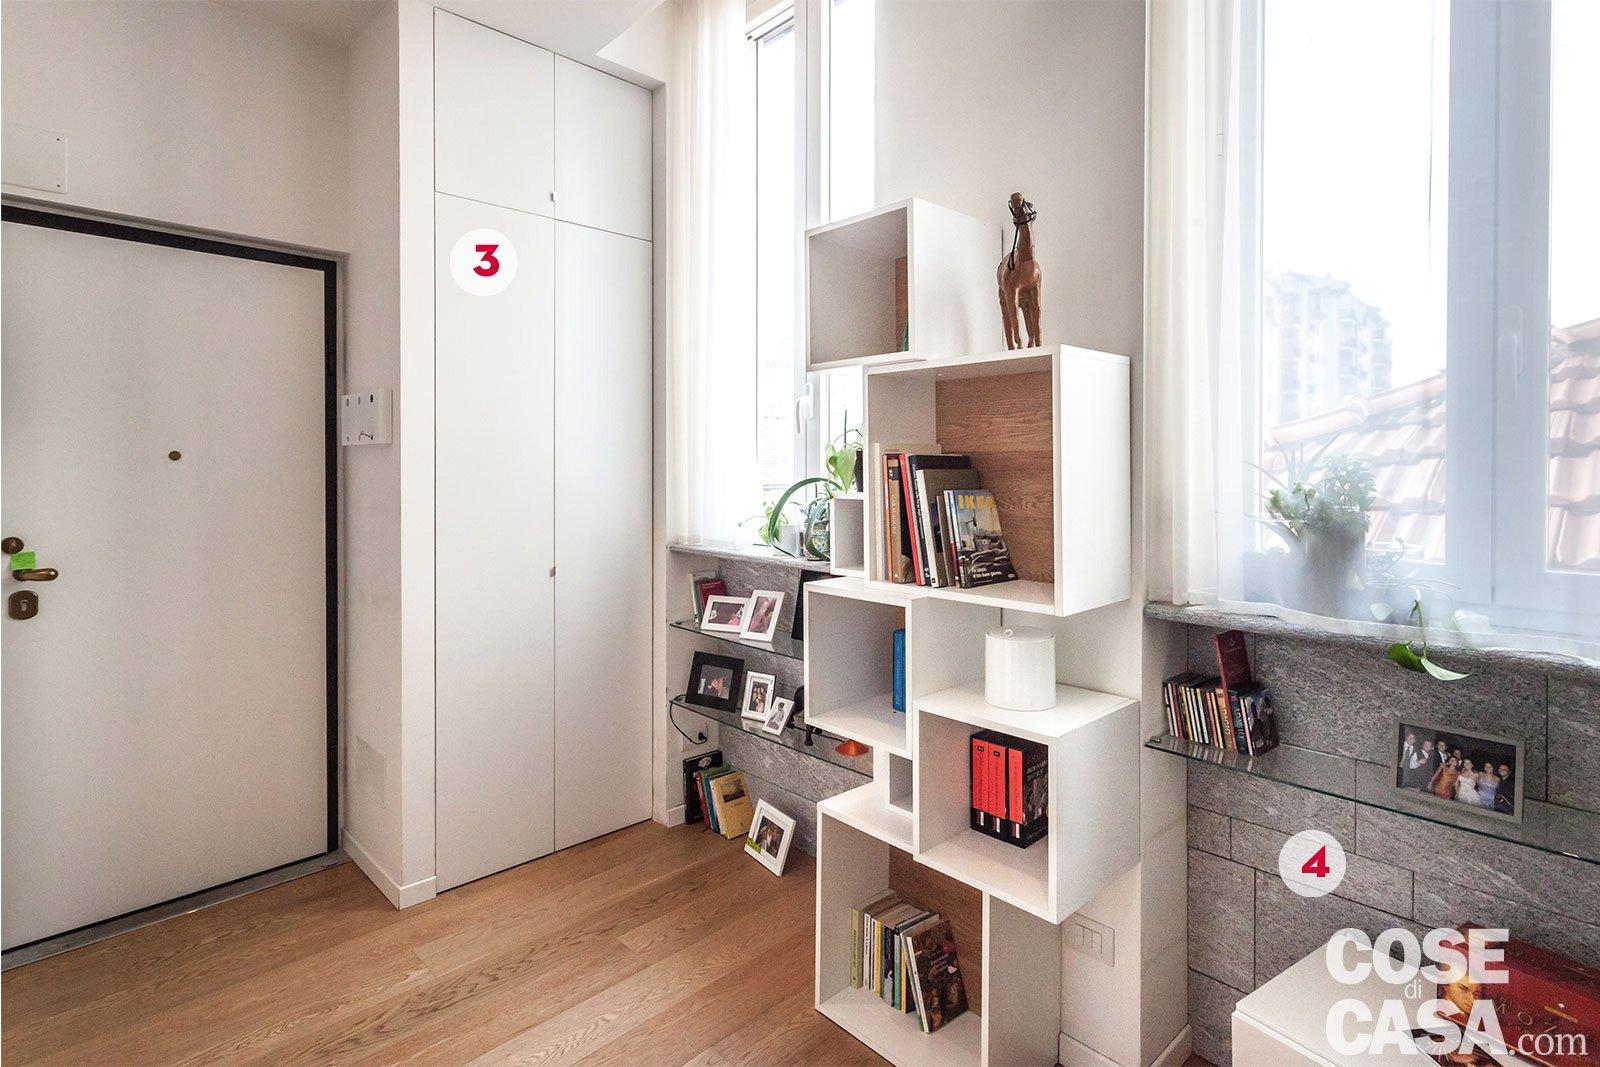 50 mq con soluzioni d 39 arredo salvaspazio cose di casa - Davanzali interni ...